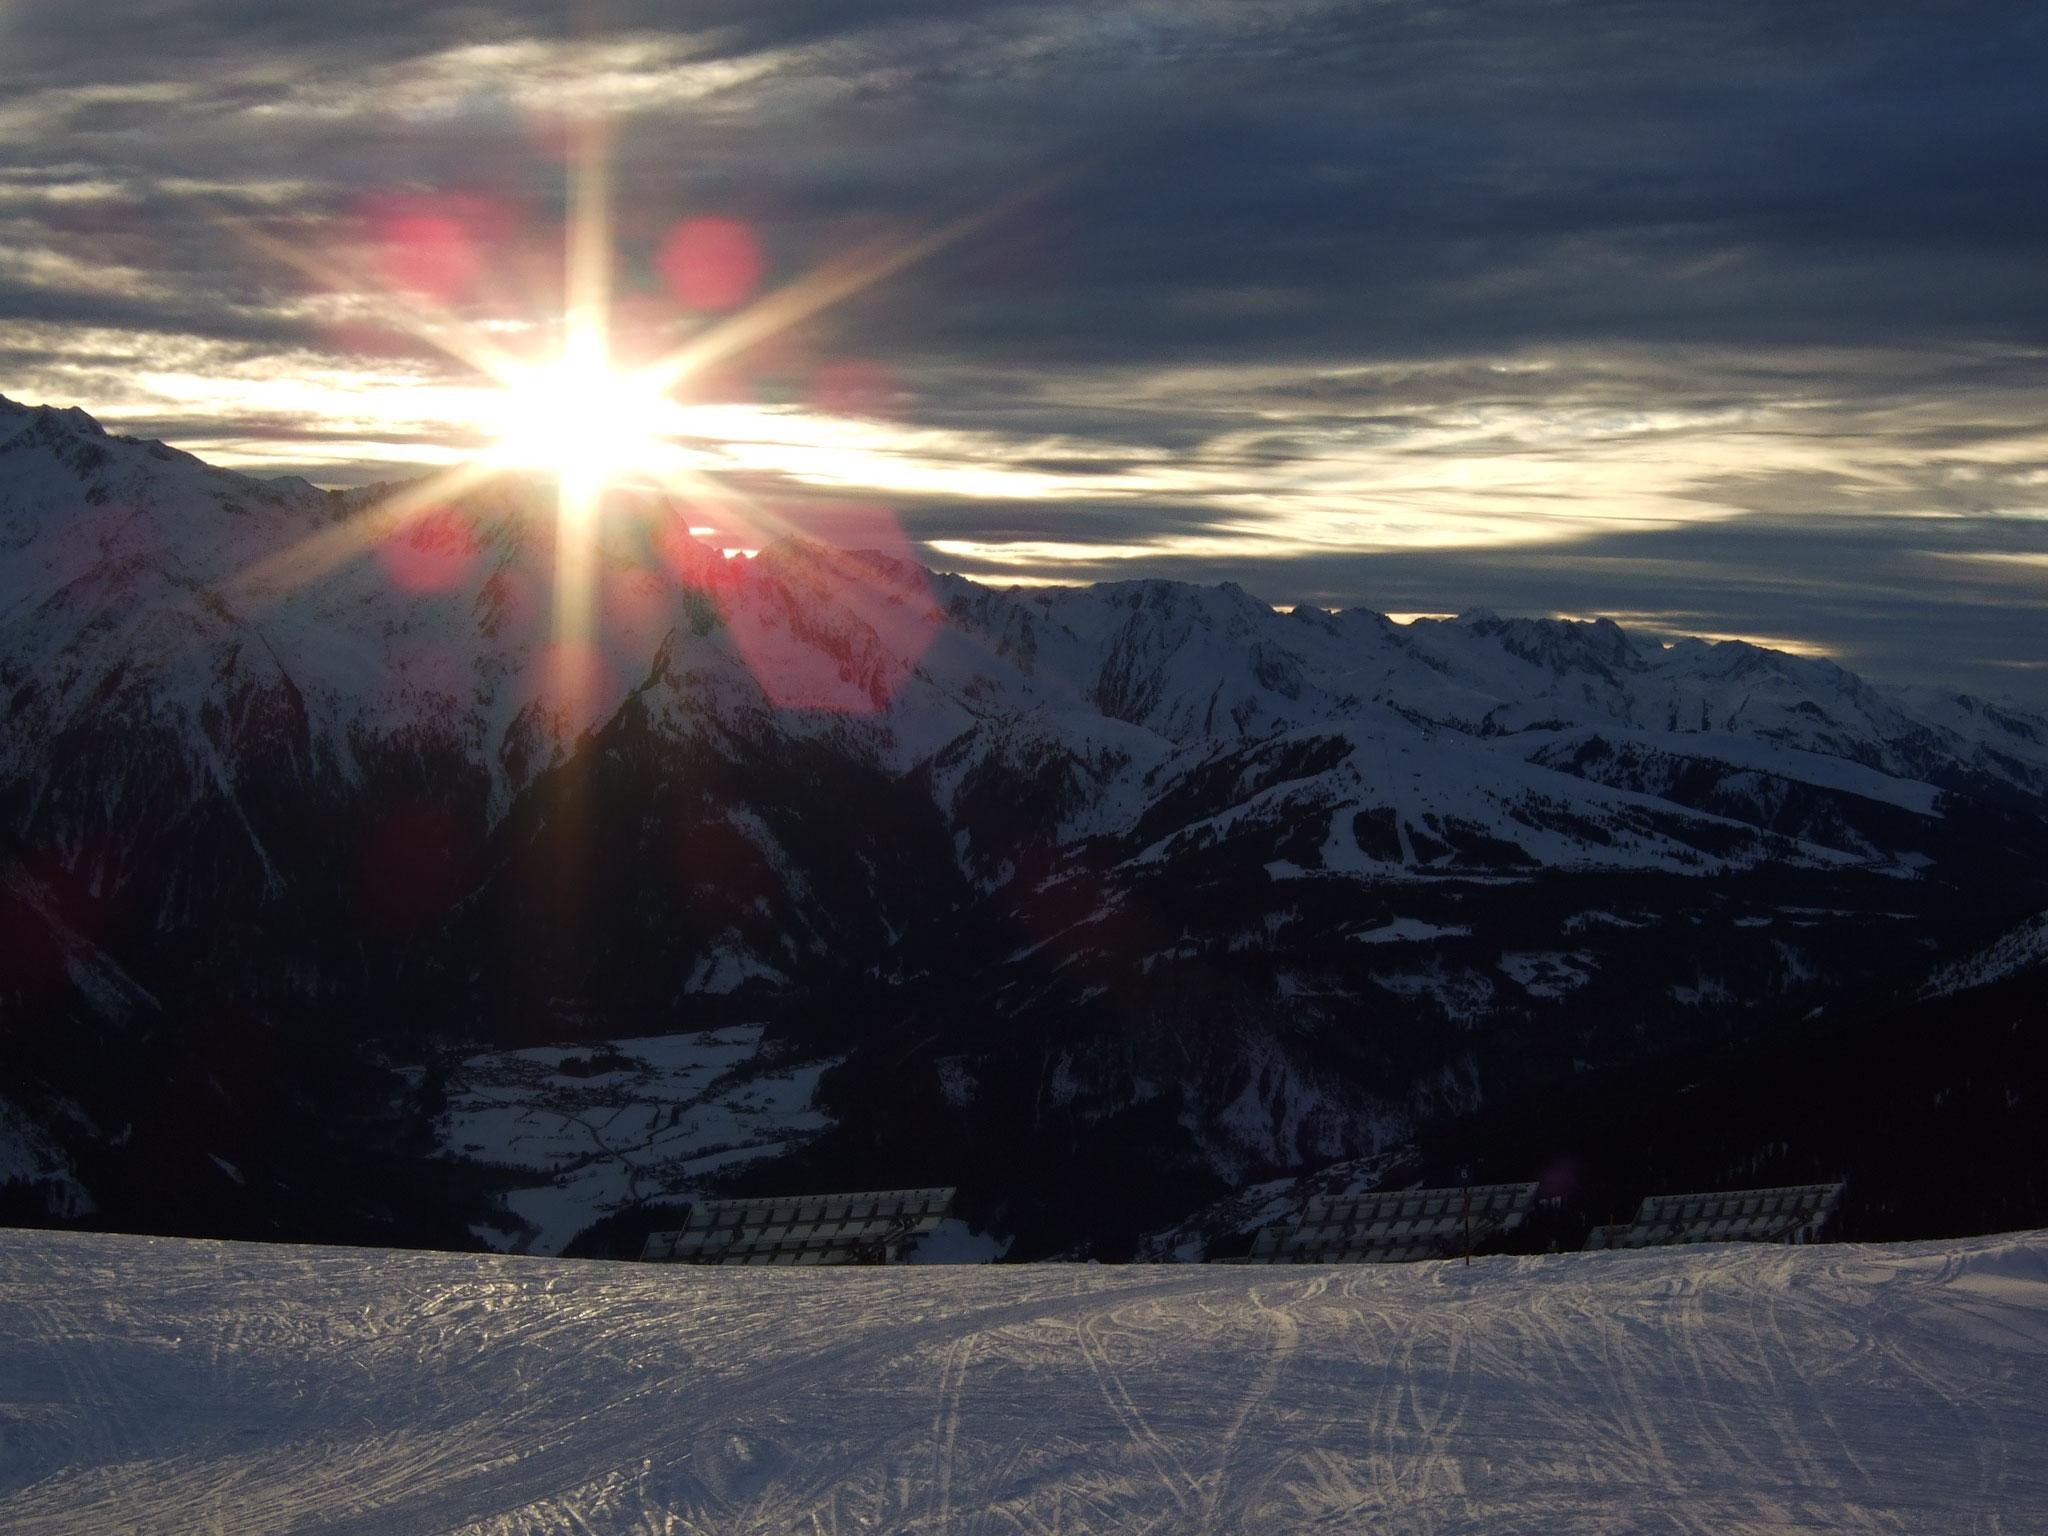 kurz vor Sonnenuntergang im Skigebiet